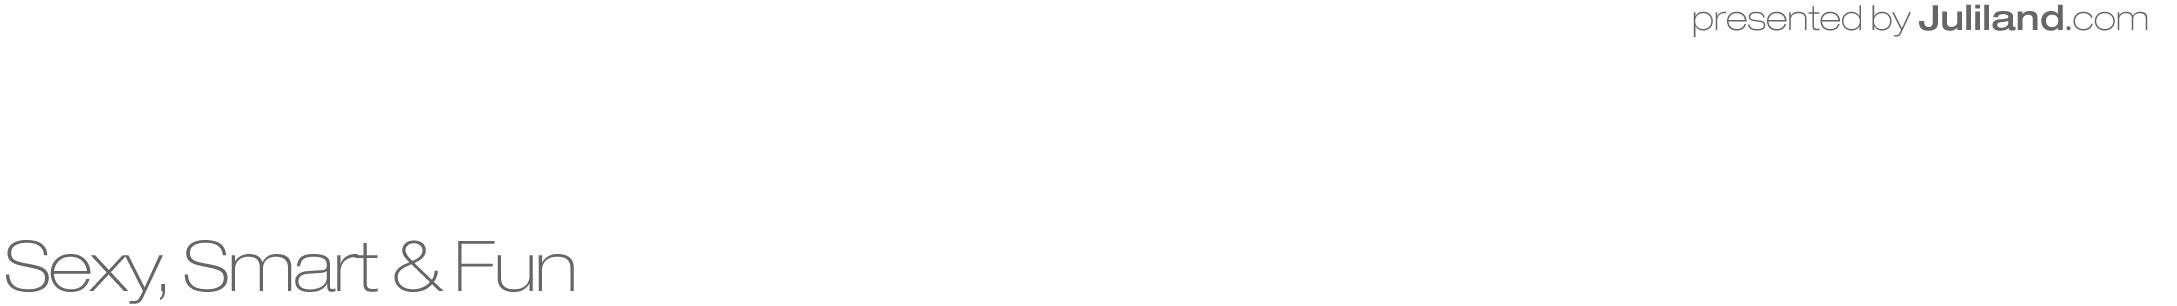 Juliland.com Retina Logo